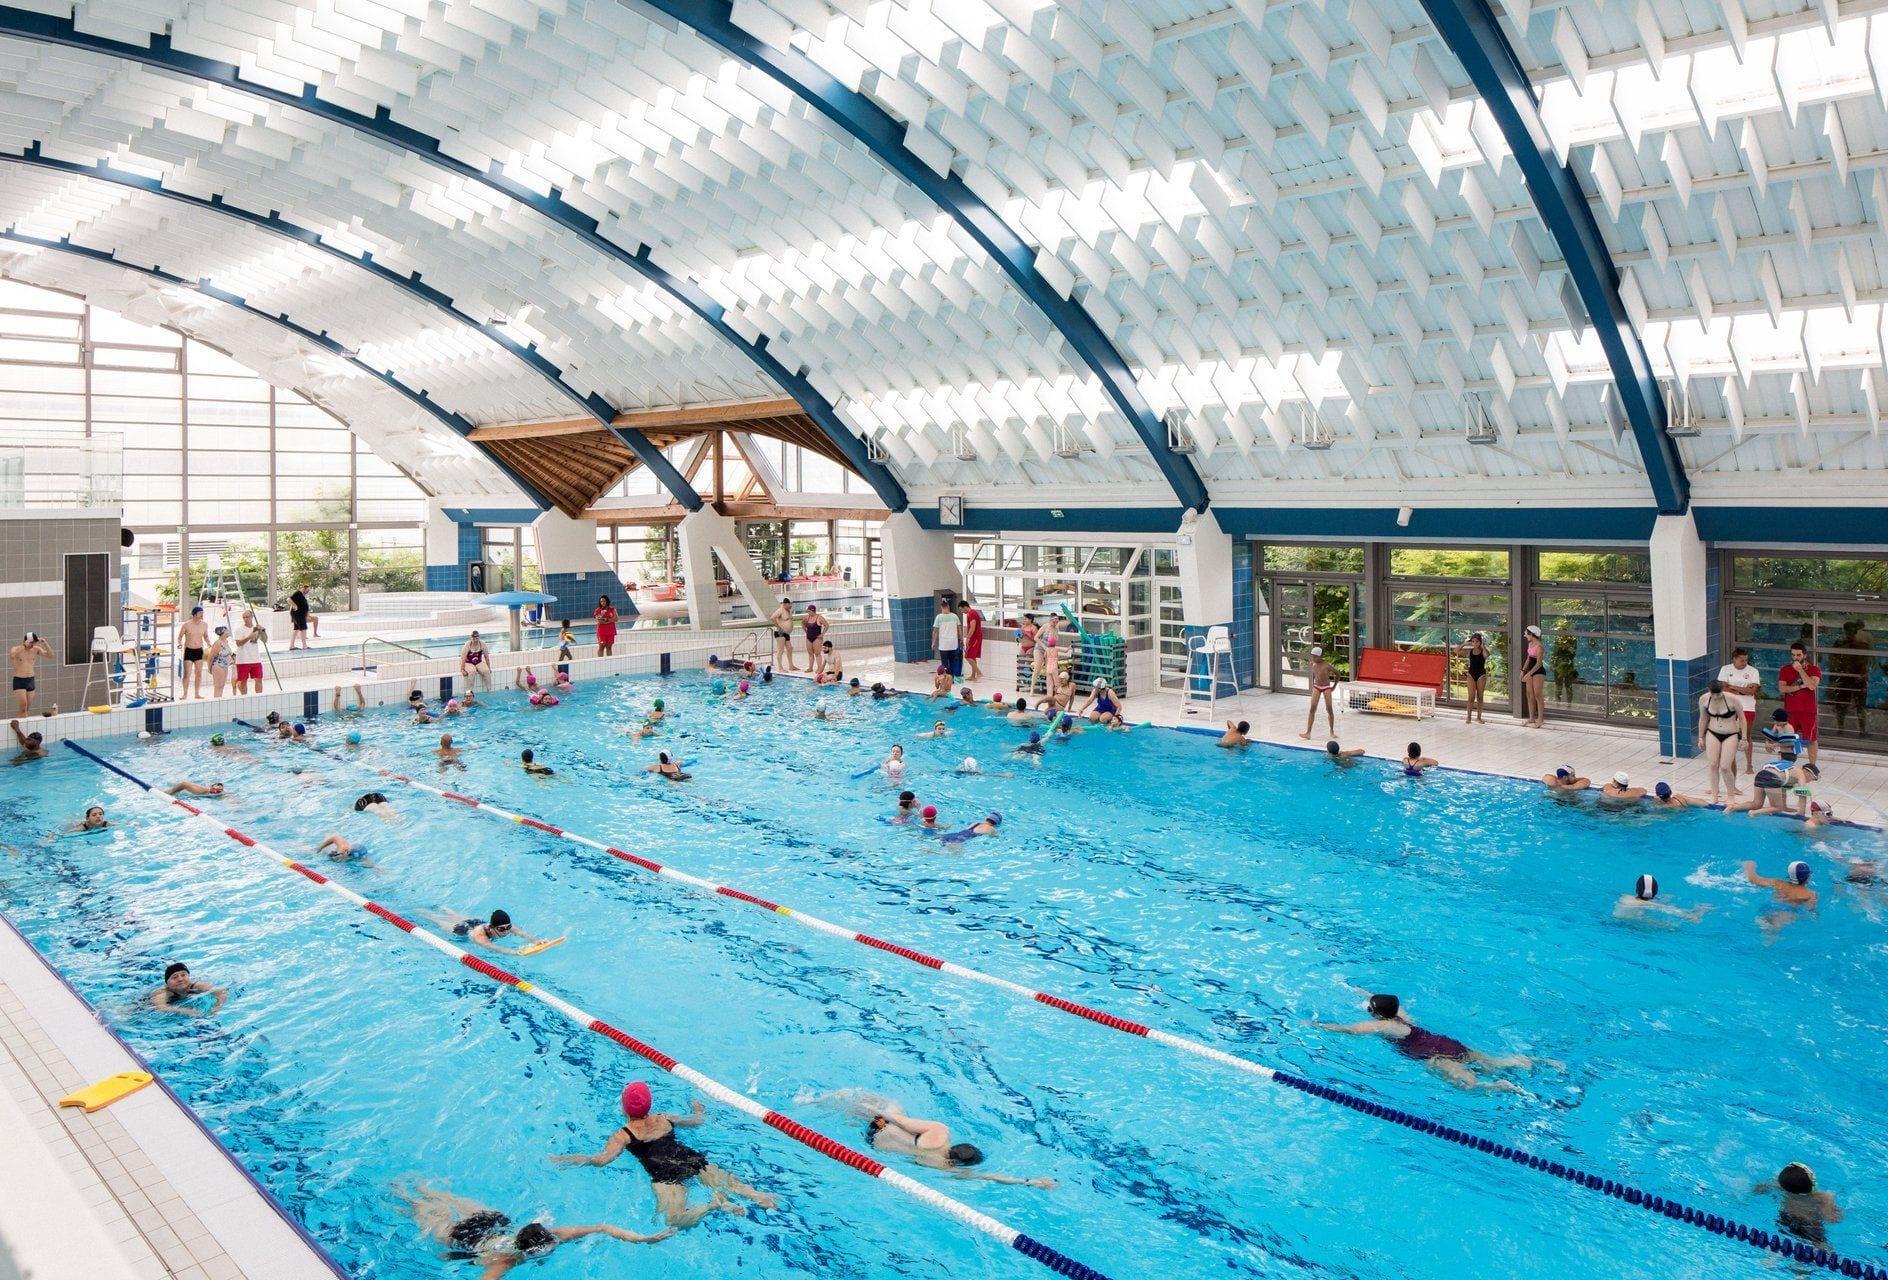 Le Centre Aquatique - Maisons-Alfort serapportantà Piscine De Cesson